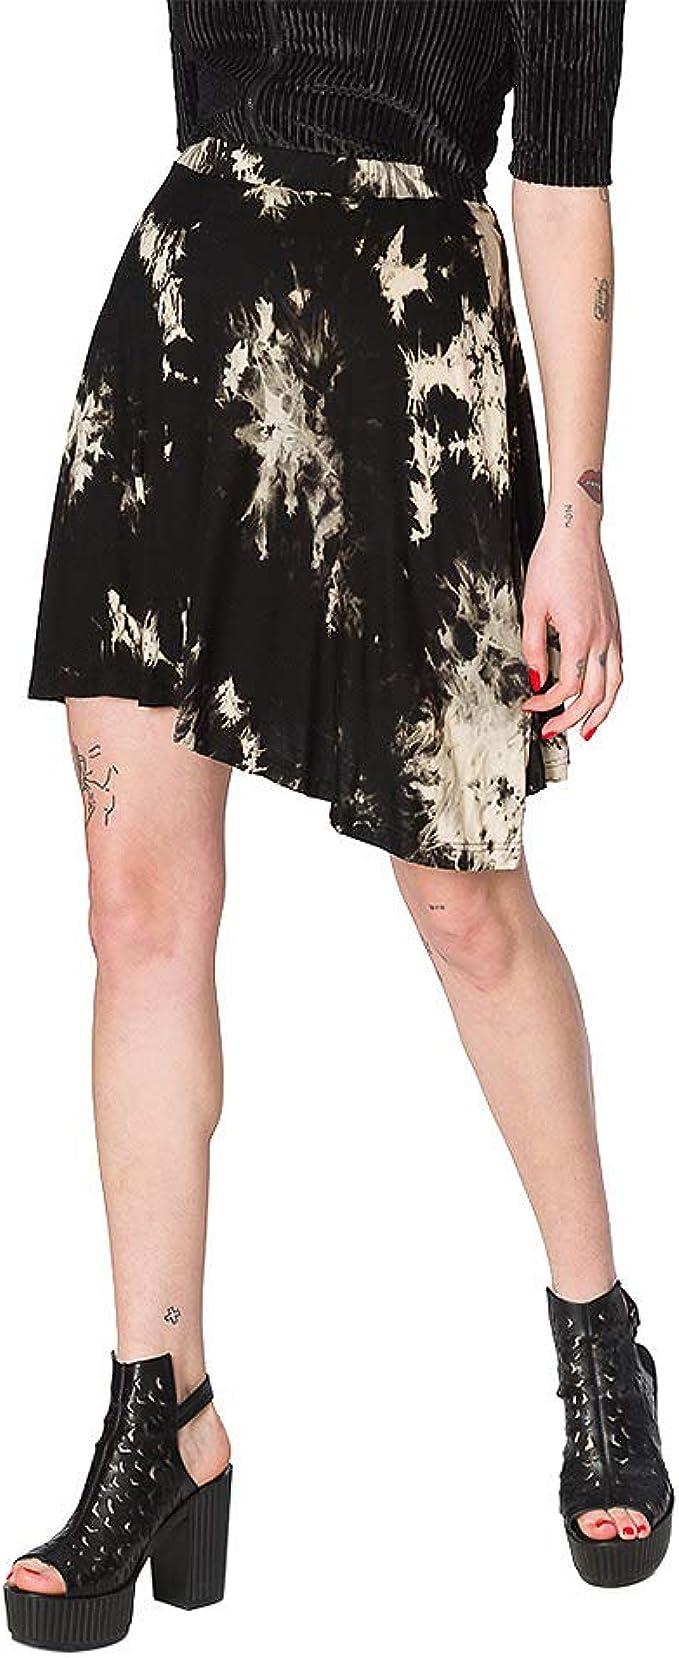 Banned Falda Asimétrica con Estampado Tie Dye Jersey - Negro S ...